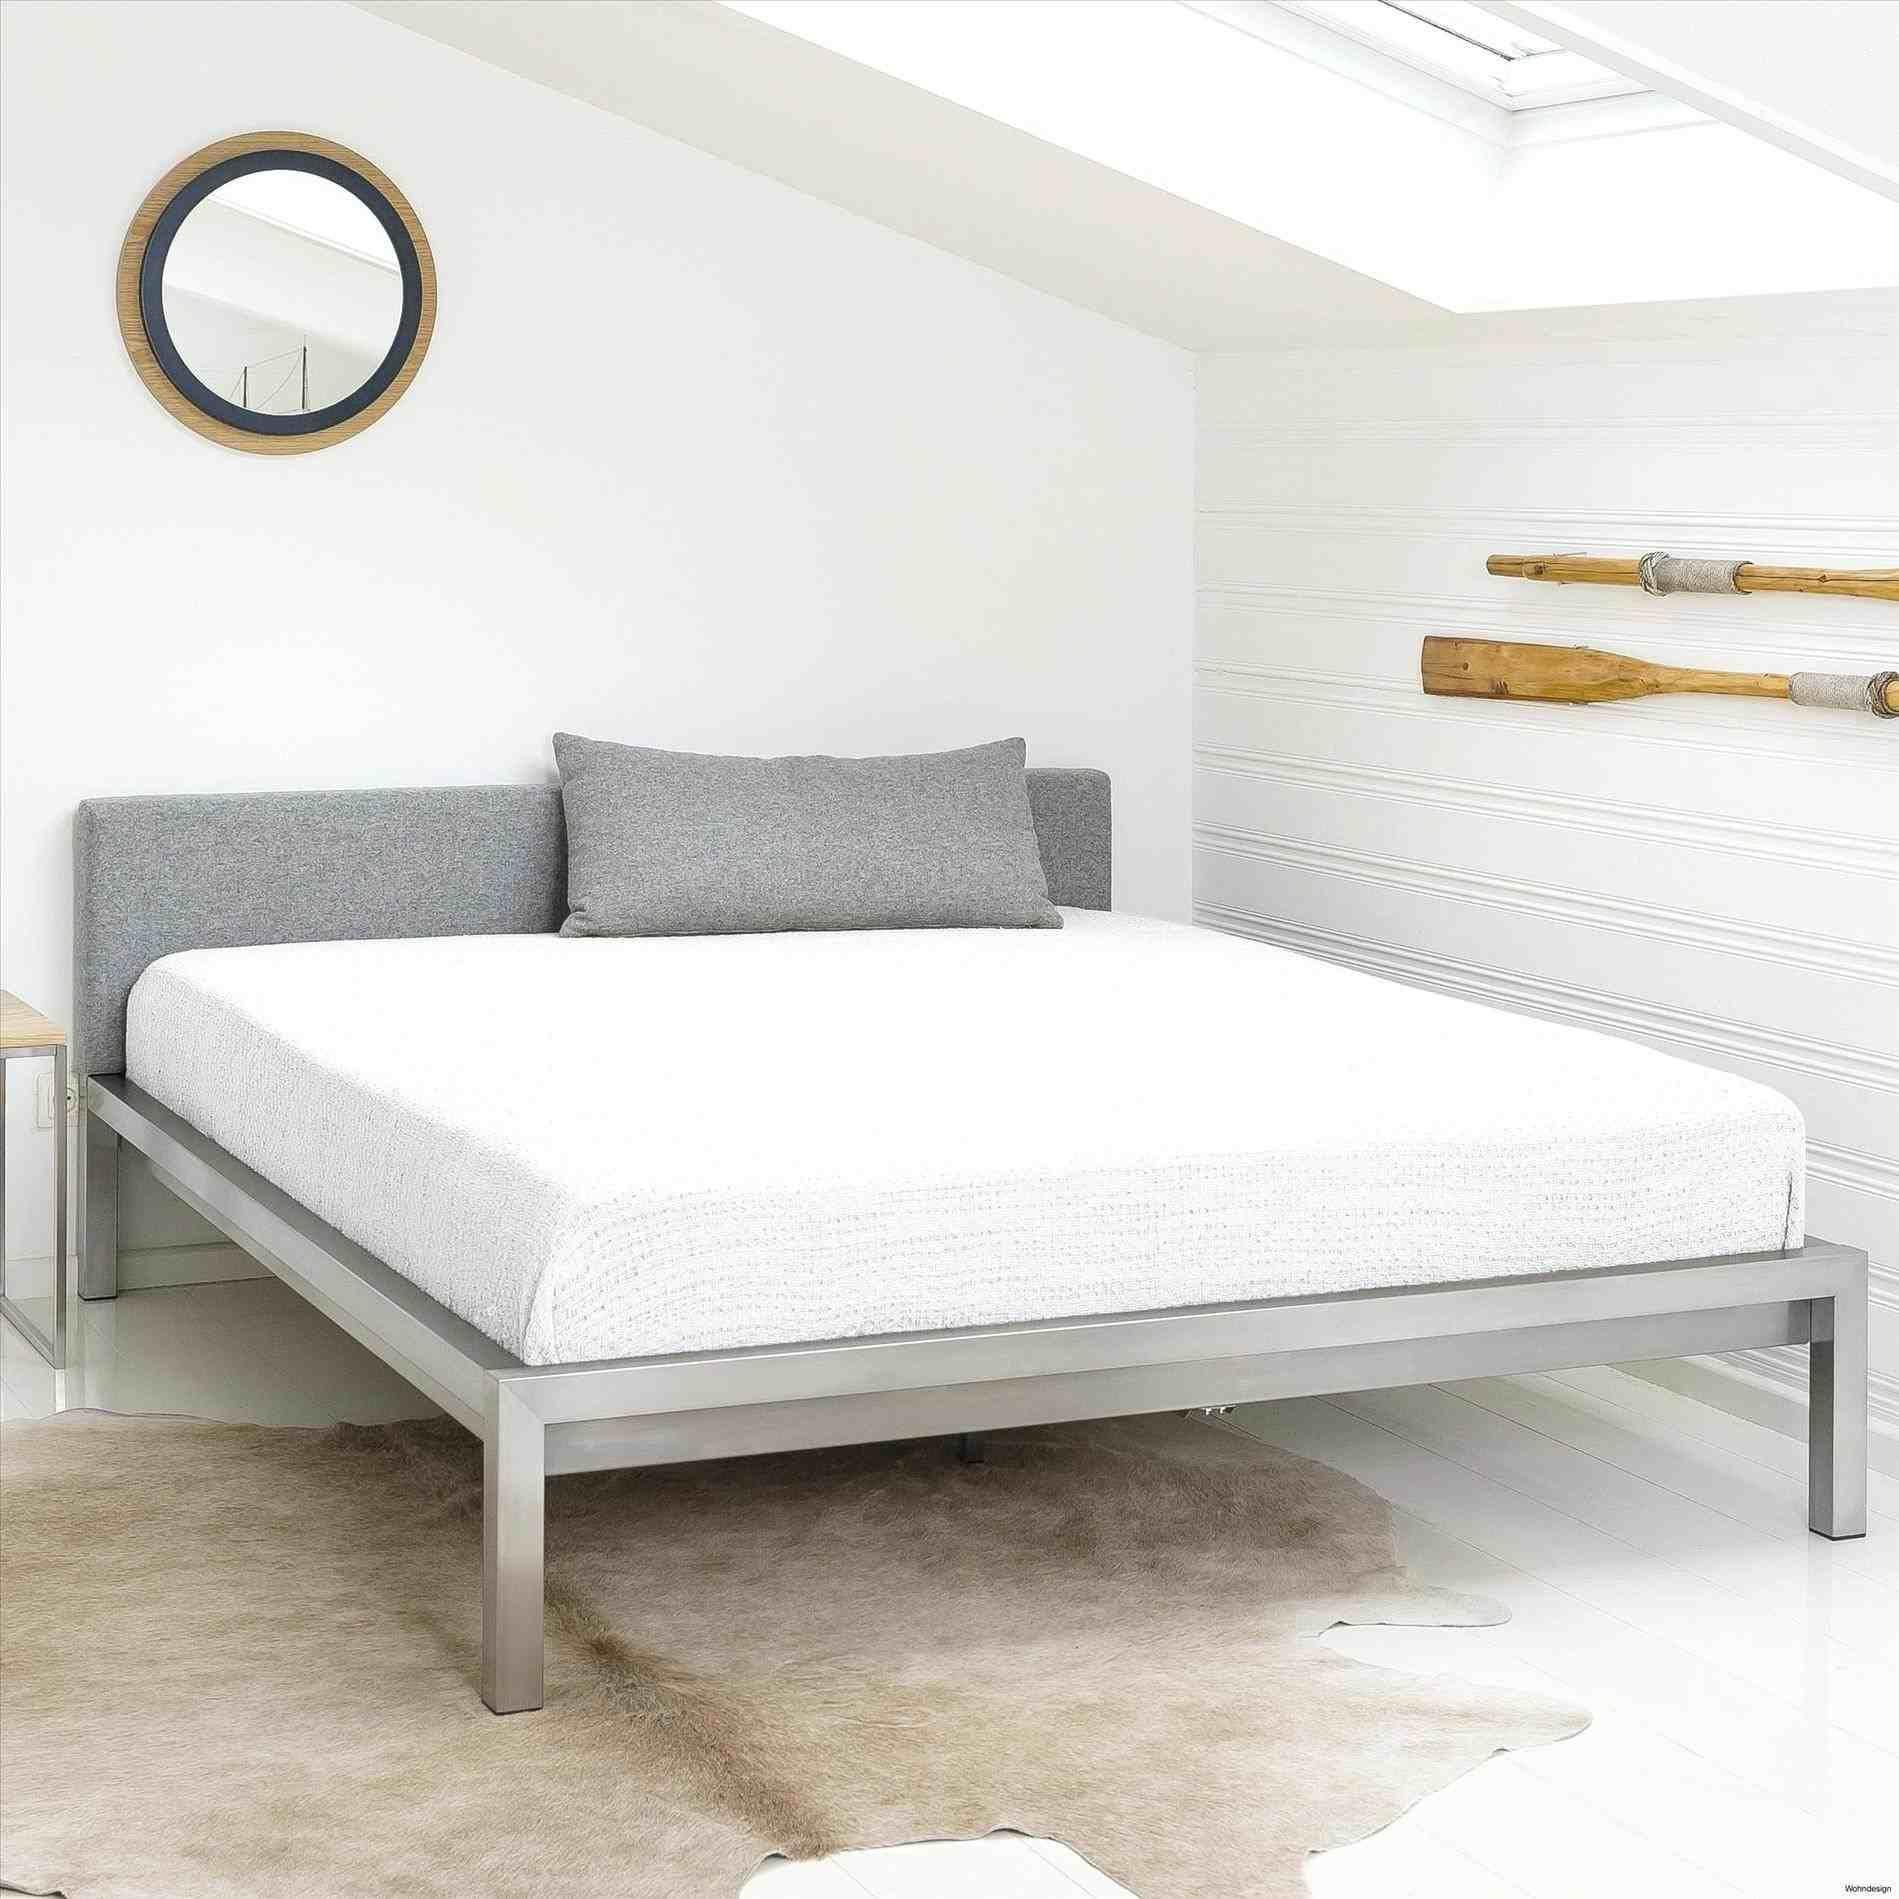 Inspirierend Betten Im Angebot Dekoration Von Bett-gepolstert-schon-preisvergleich-die-besten-angebote-bett-